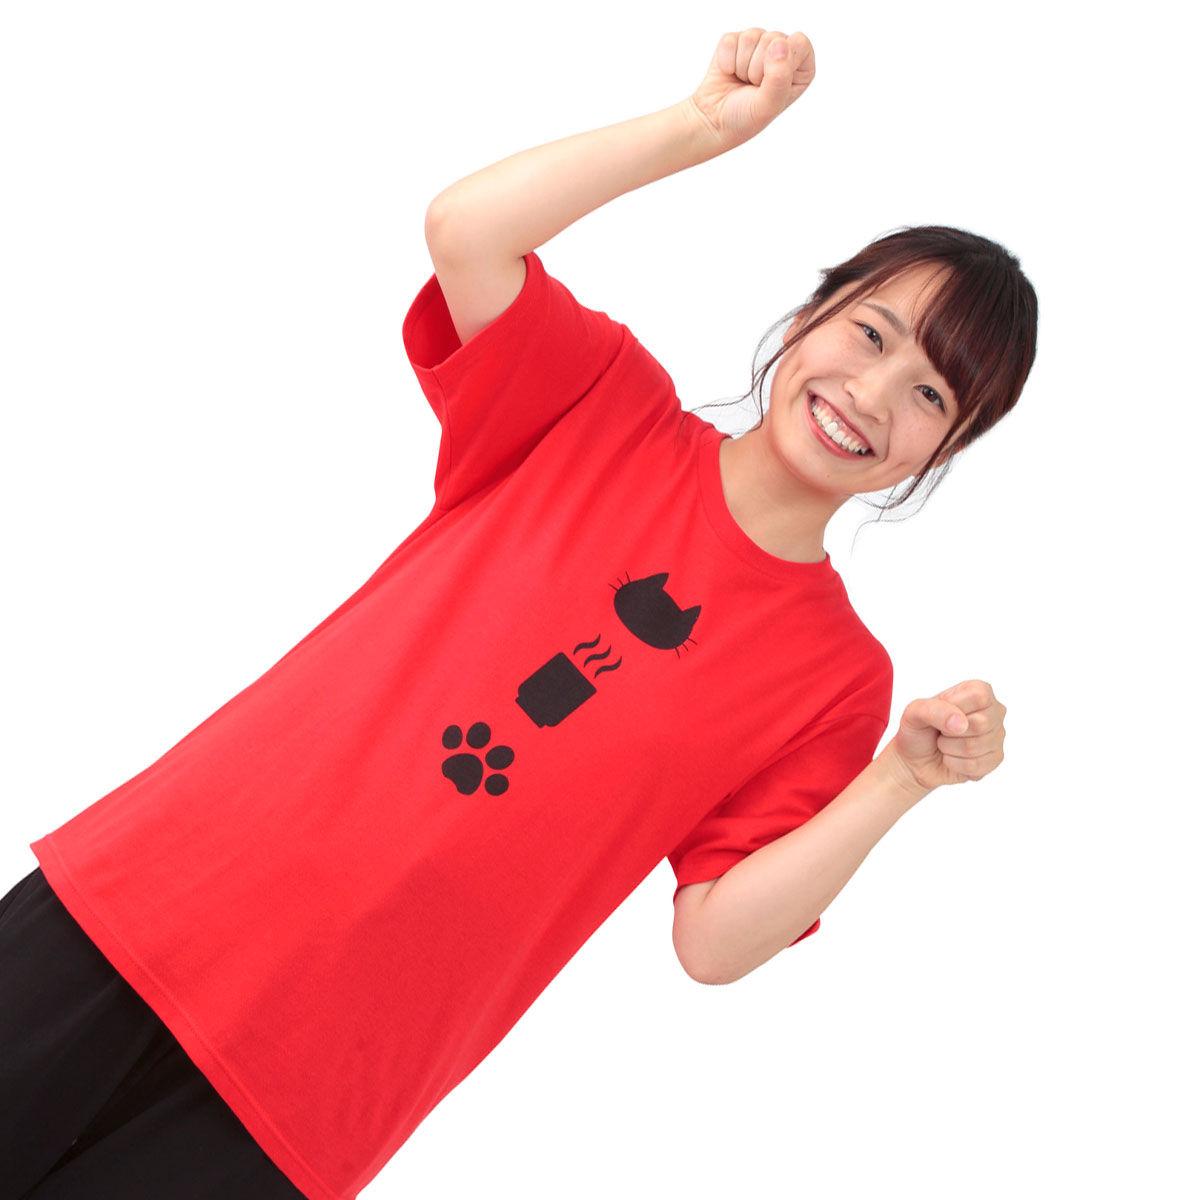 Ultraman R/B UshioMinato selected T-shirts Nancyatte(Just Joking)